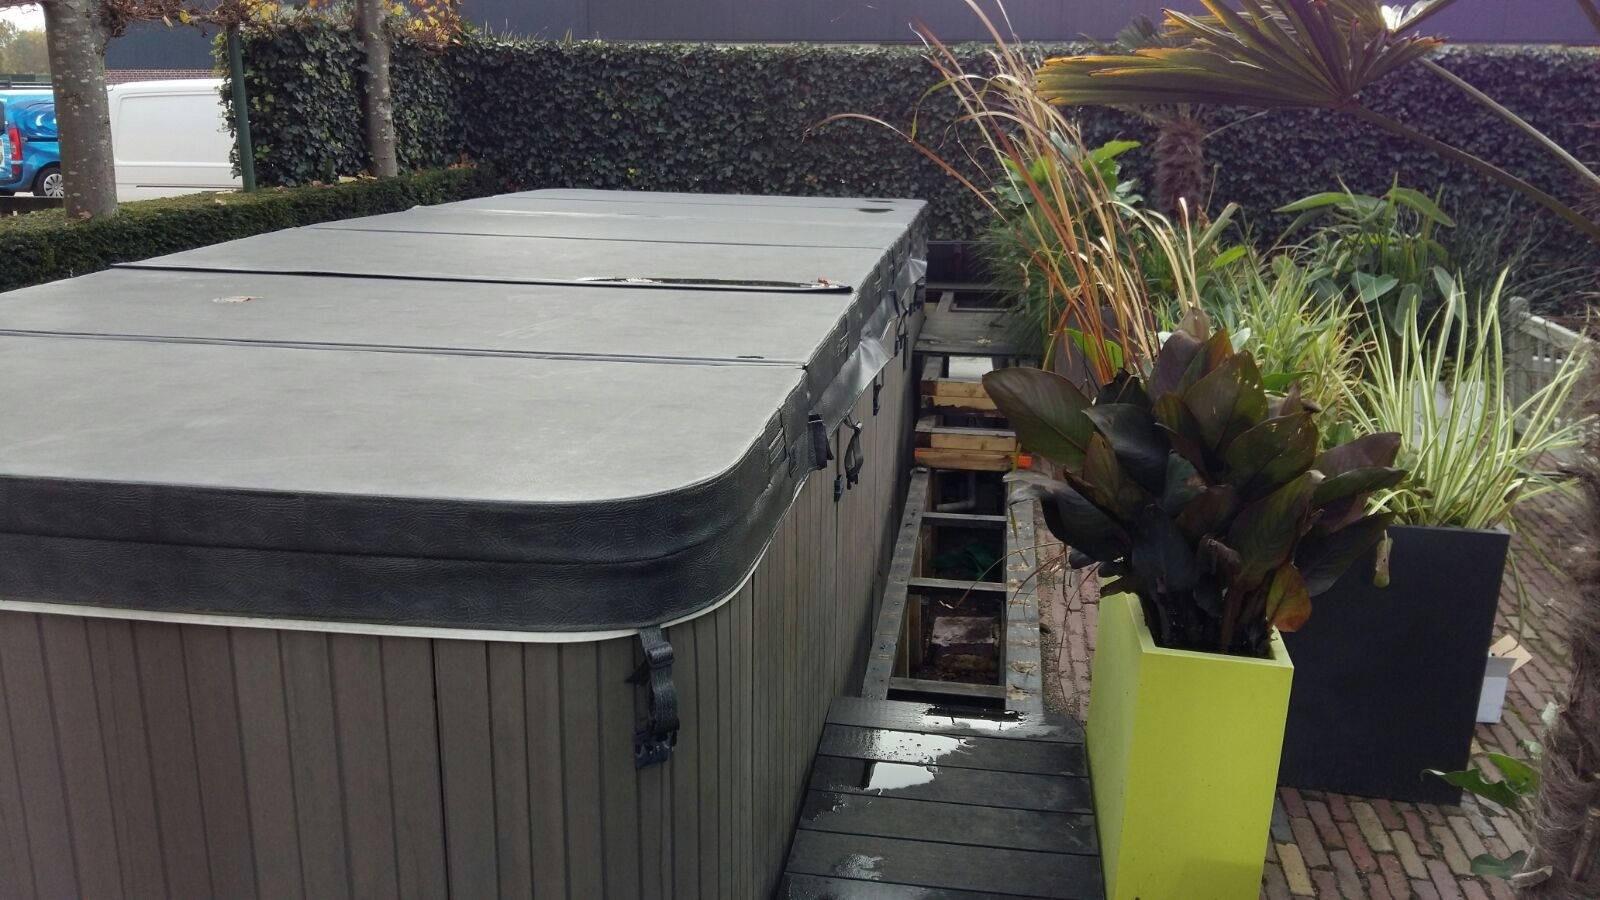 Sluiting verholpen in de warmtewisselaar en ozonators vervangen van een Evolution swimspa in Roosendaal